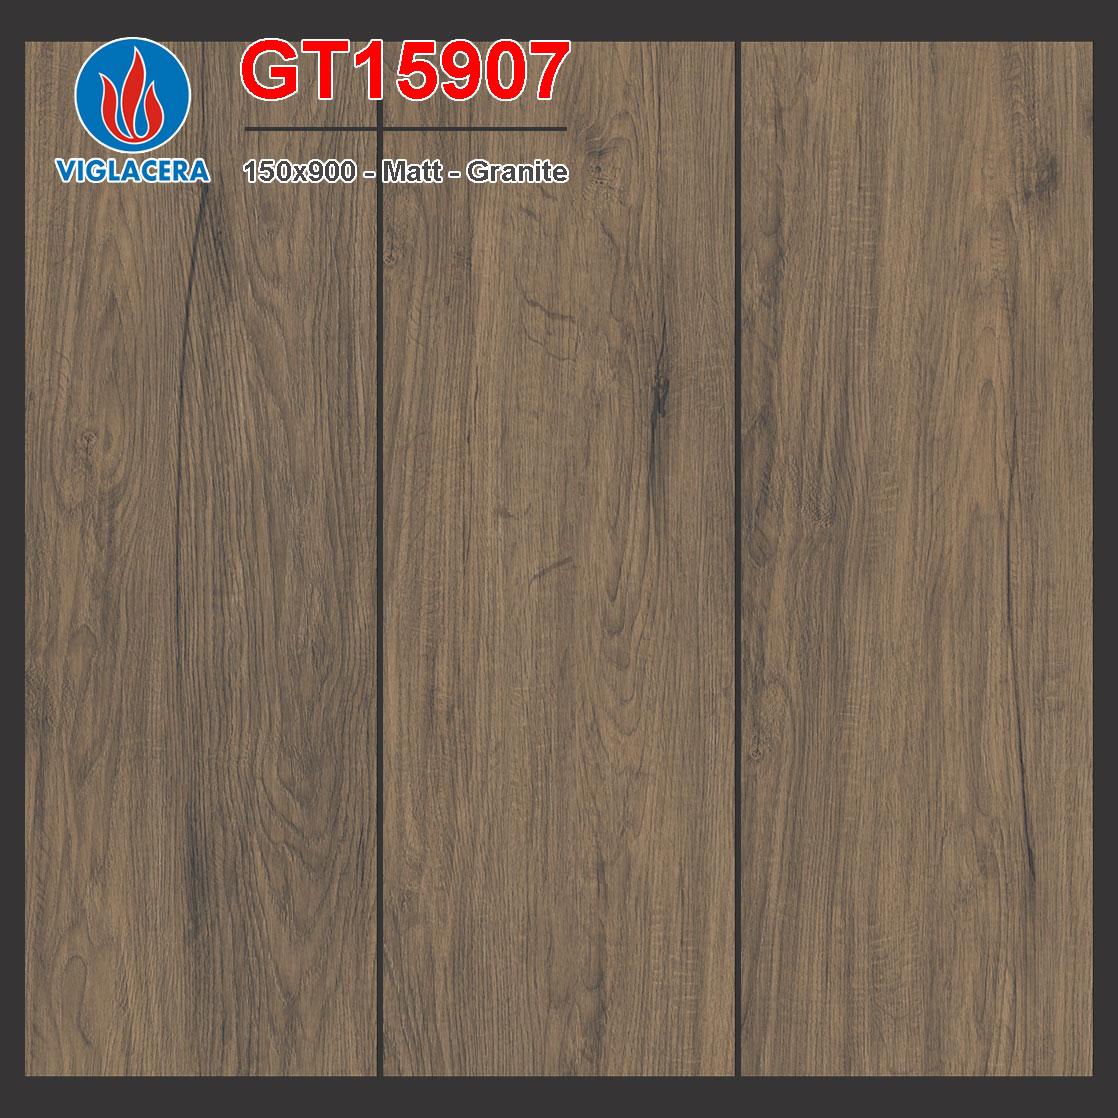 Gạch vân gỗ 150x900 Viglacera GT15907 giá rẻ